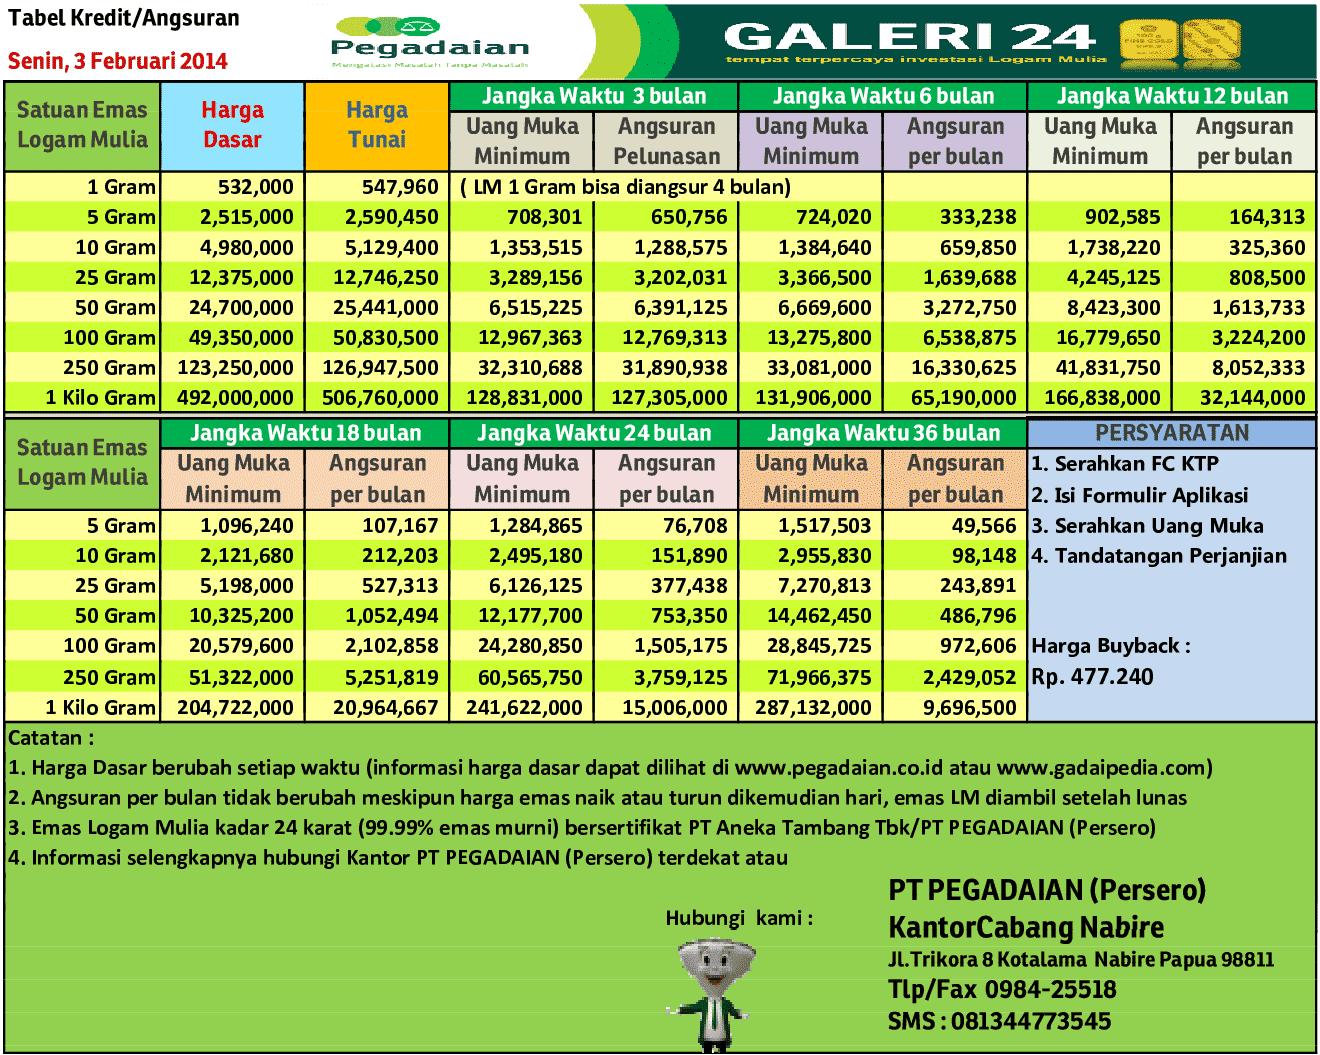 harga emas dan tabel kredit emas logam mulia pegadaian 3 februari 2014